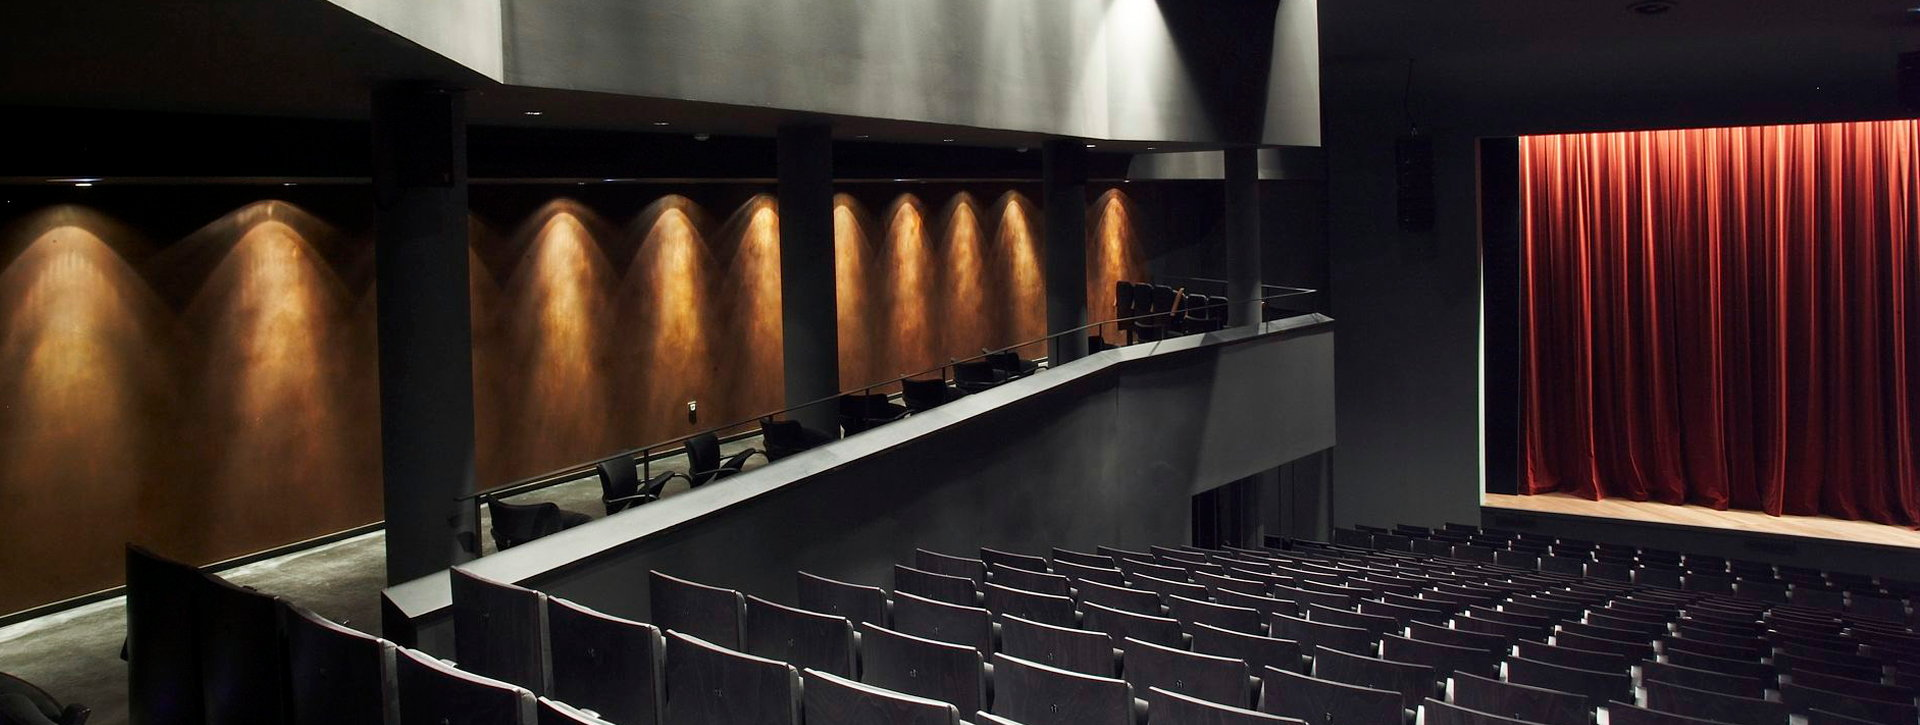 Teatre Goya - Barcelona